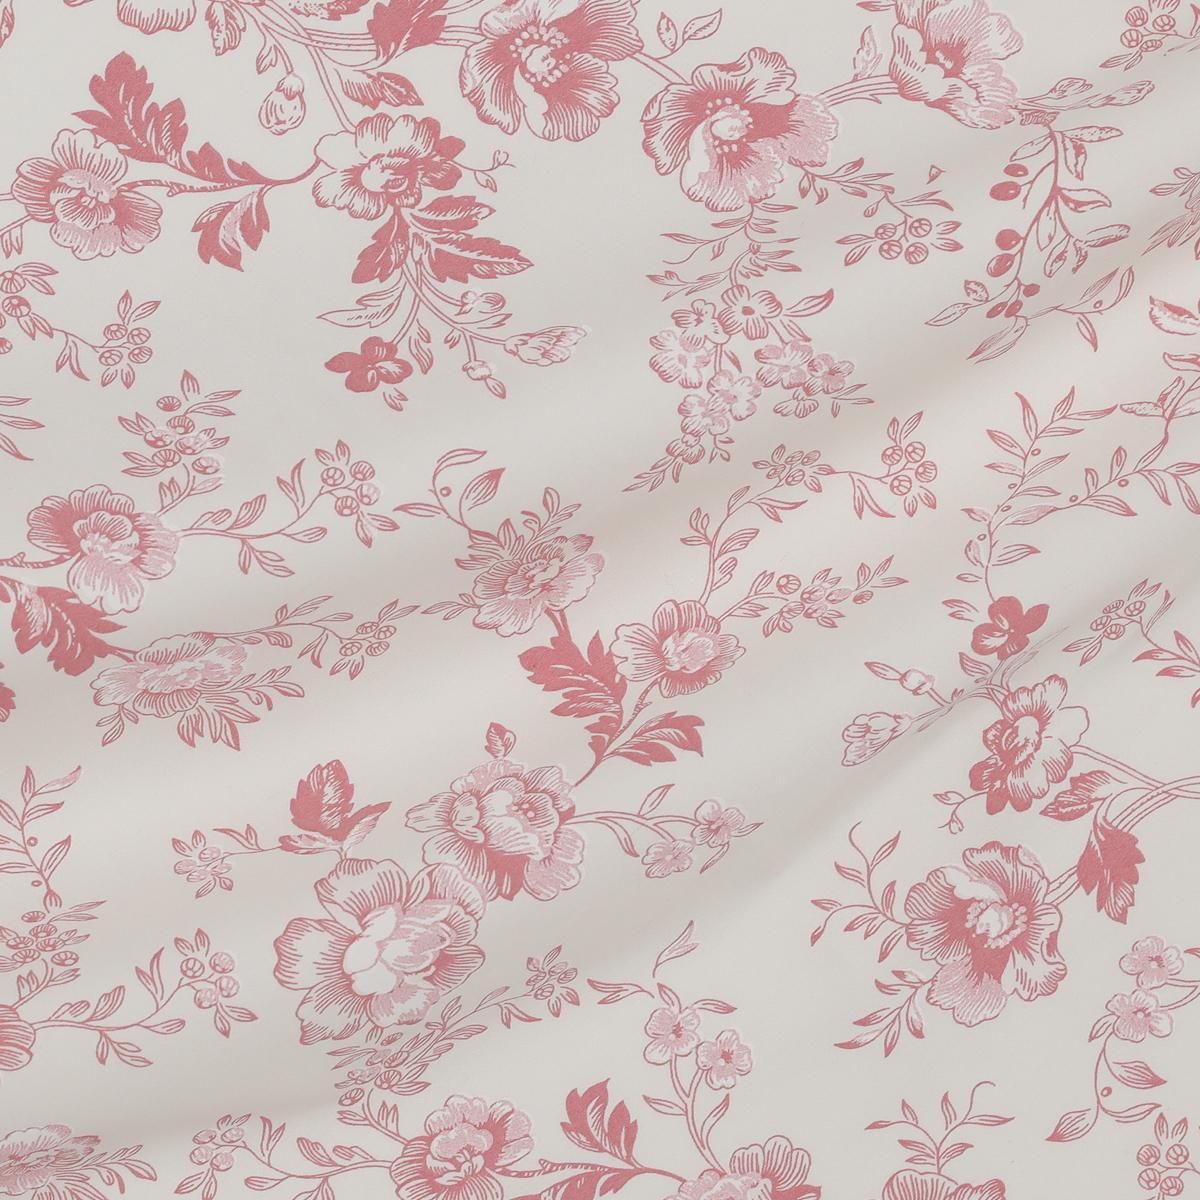 Хлопок с цветочным мотивом розового цвета